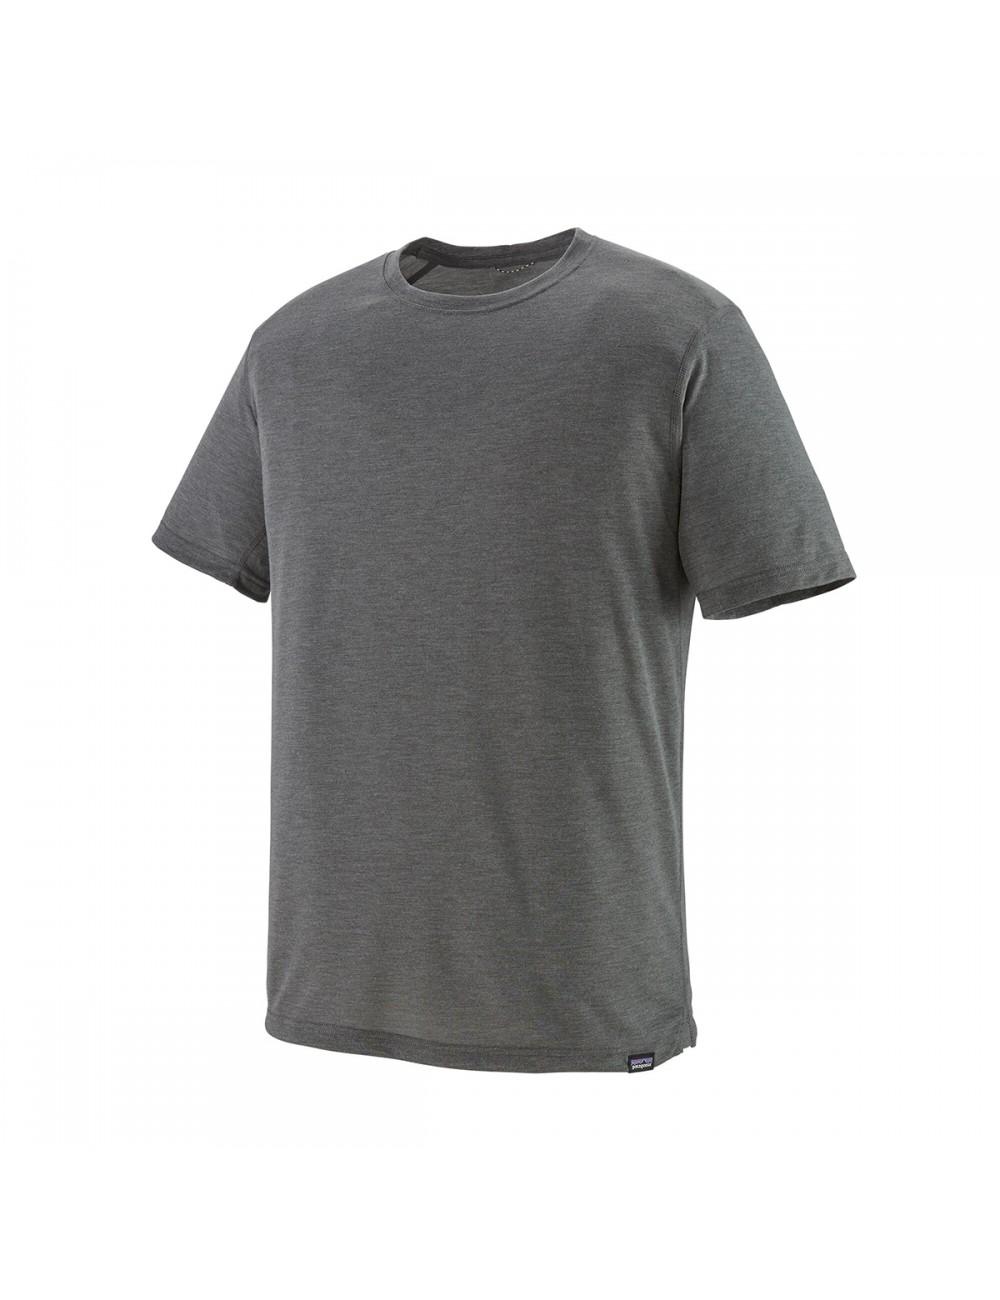 Patagonia Cap Cool Tail Shirt - Carbon_12835